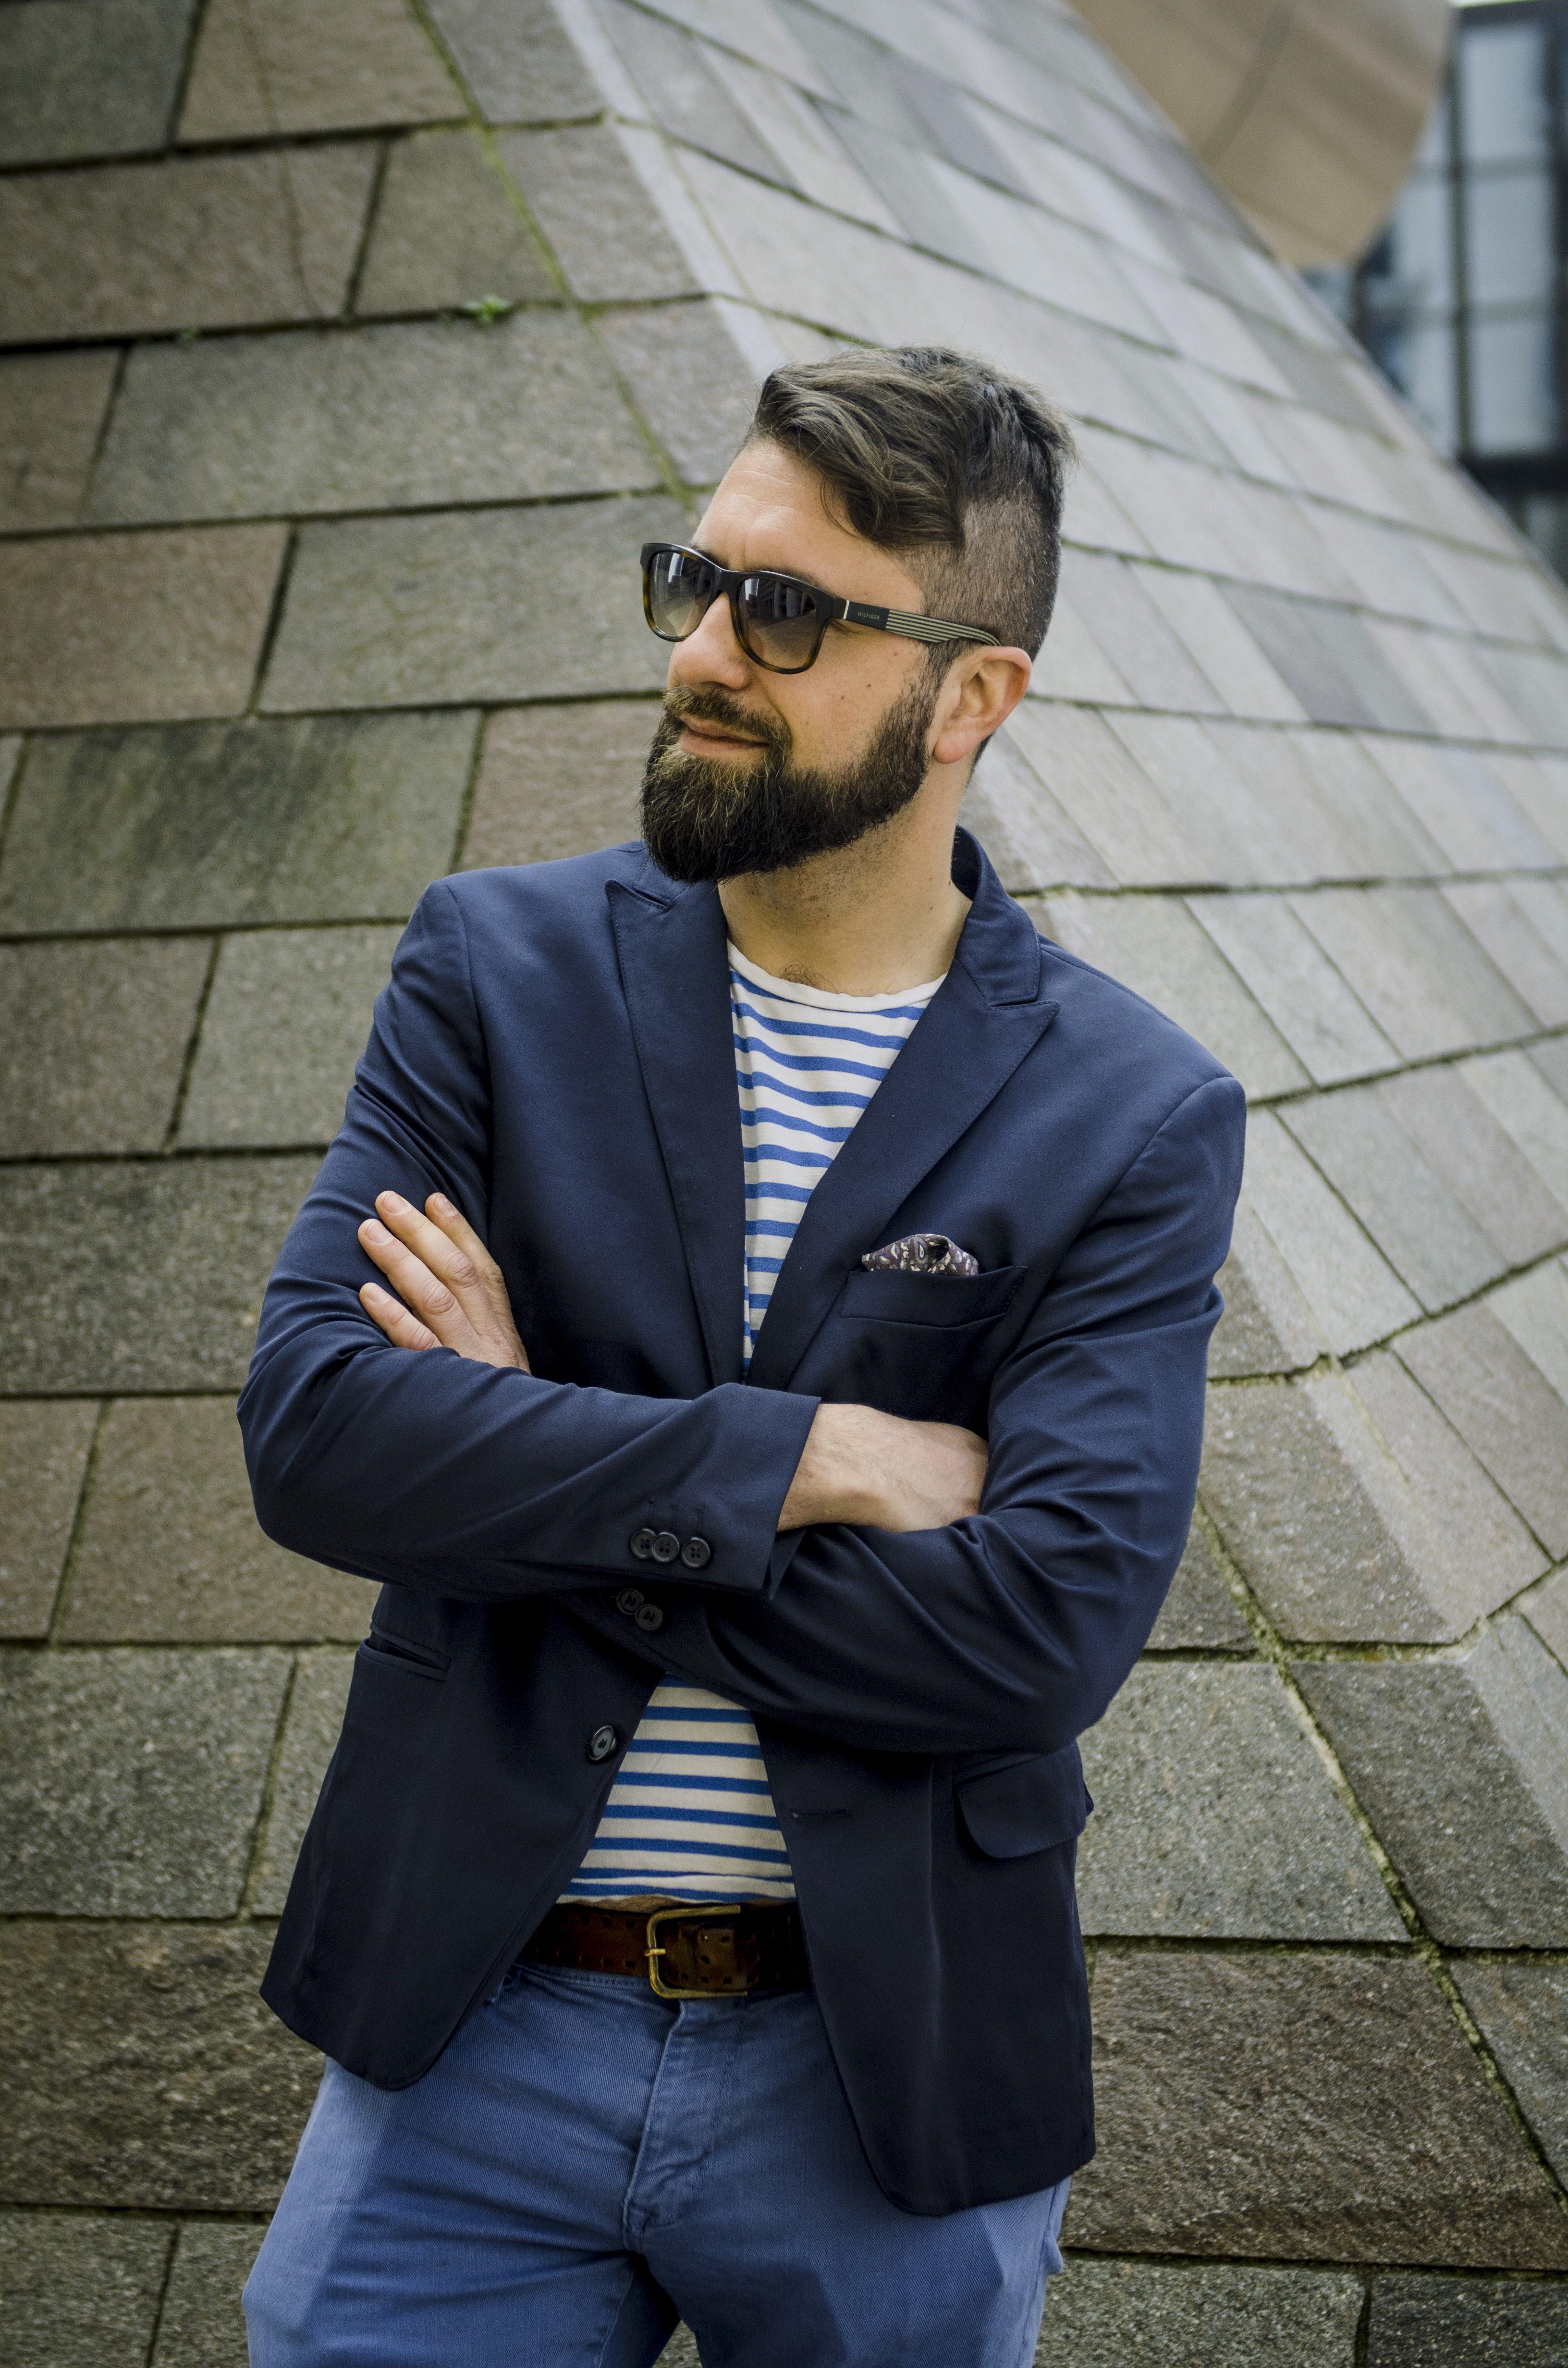 alessio-peruzzi-myale-fanpage-intervista-blog-autori-angelo-andrea-vegliante-musica-ci-provo-sempre-a-farti-ridere-album-disco-2